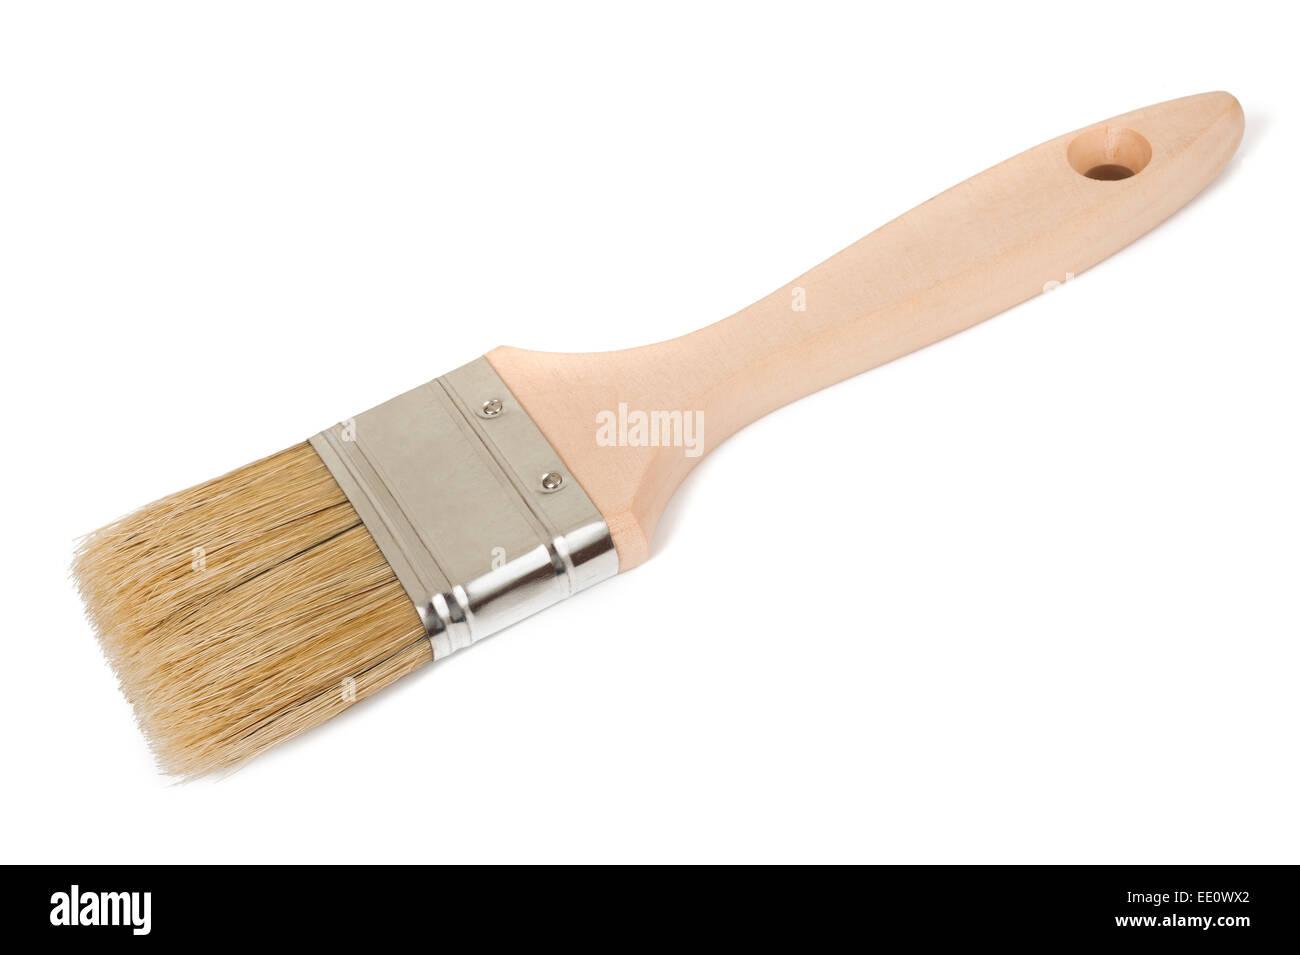 Pinsel, die isoliert auf weißem Hintergrund Stockbild